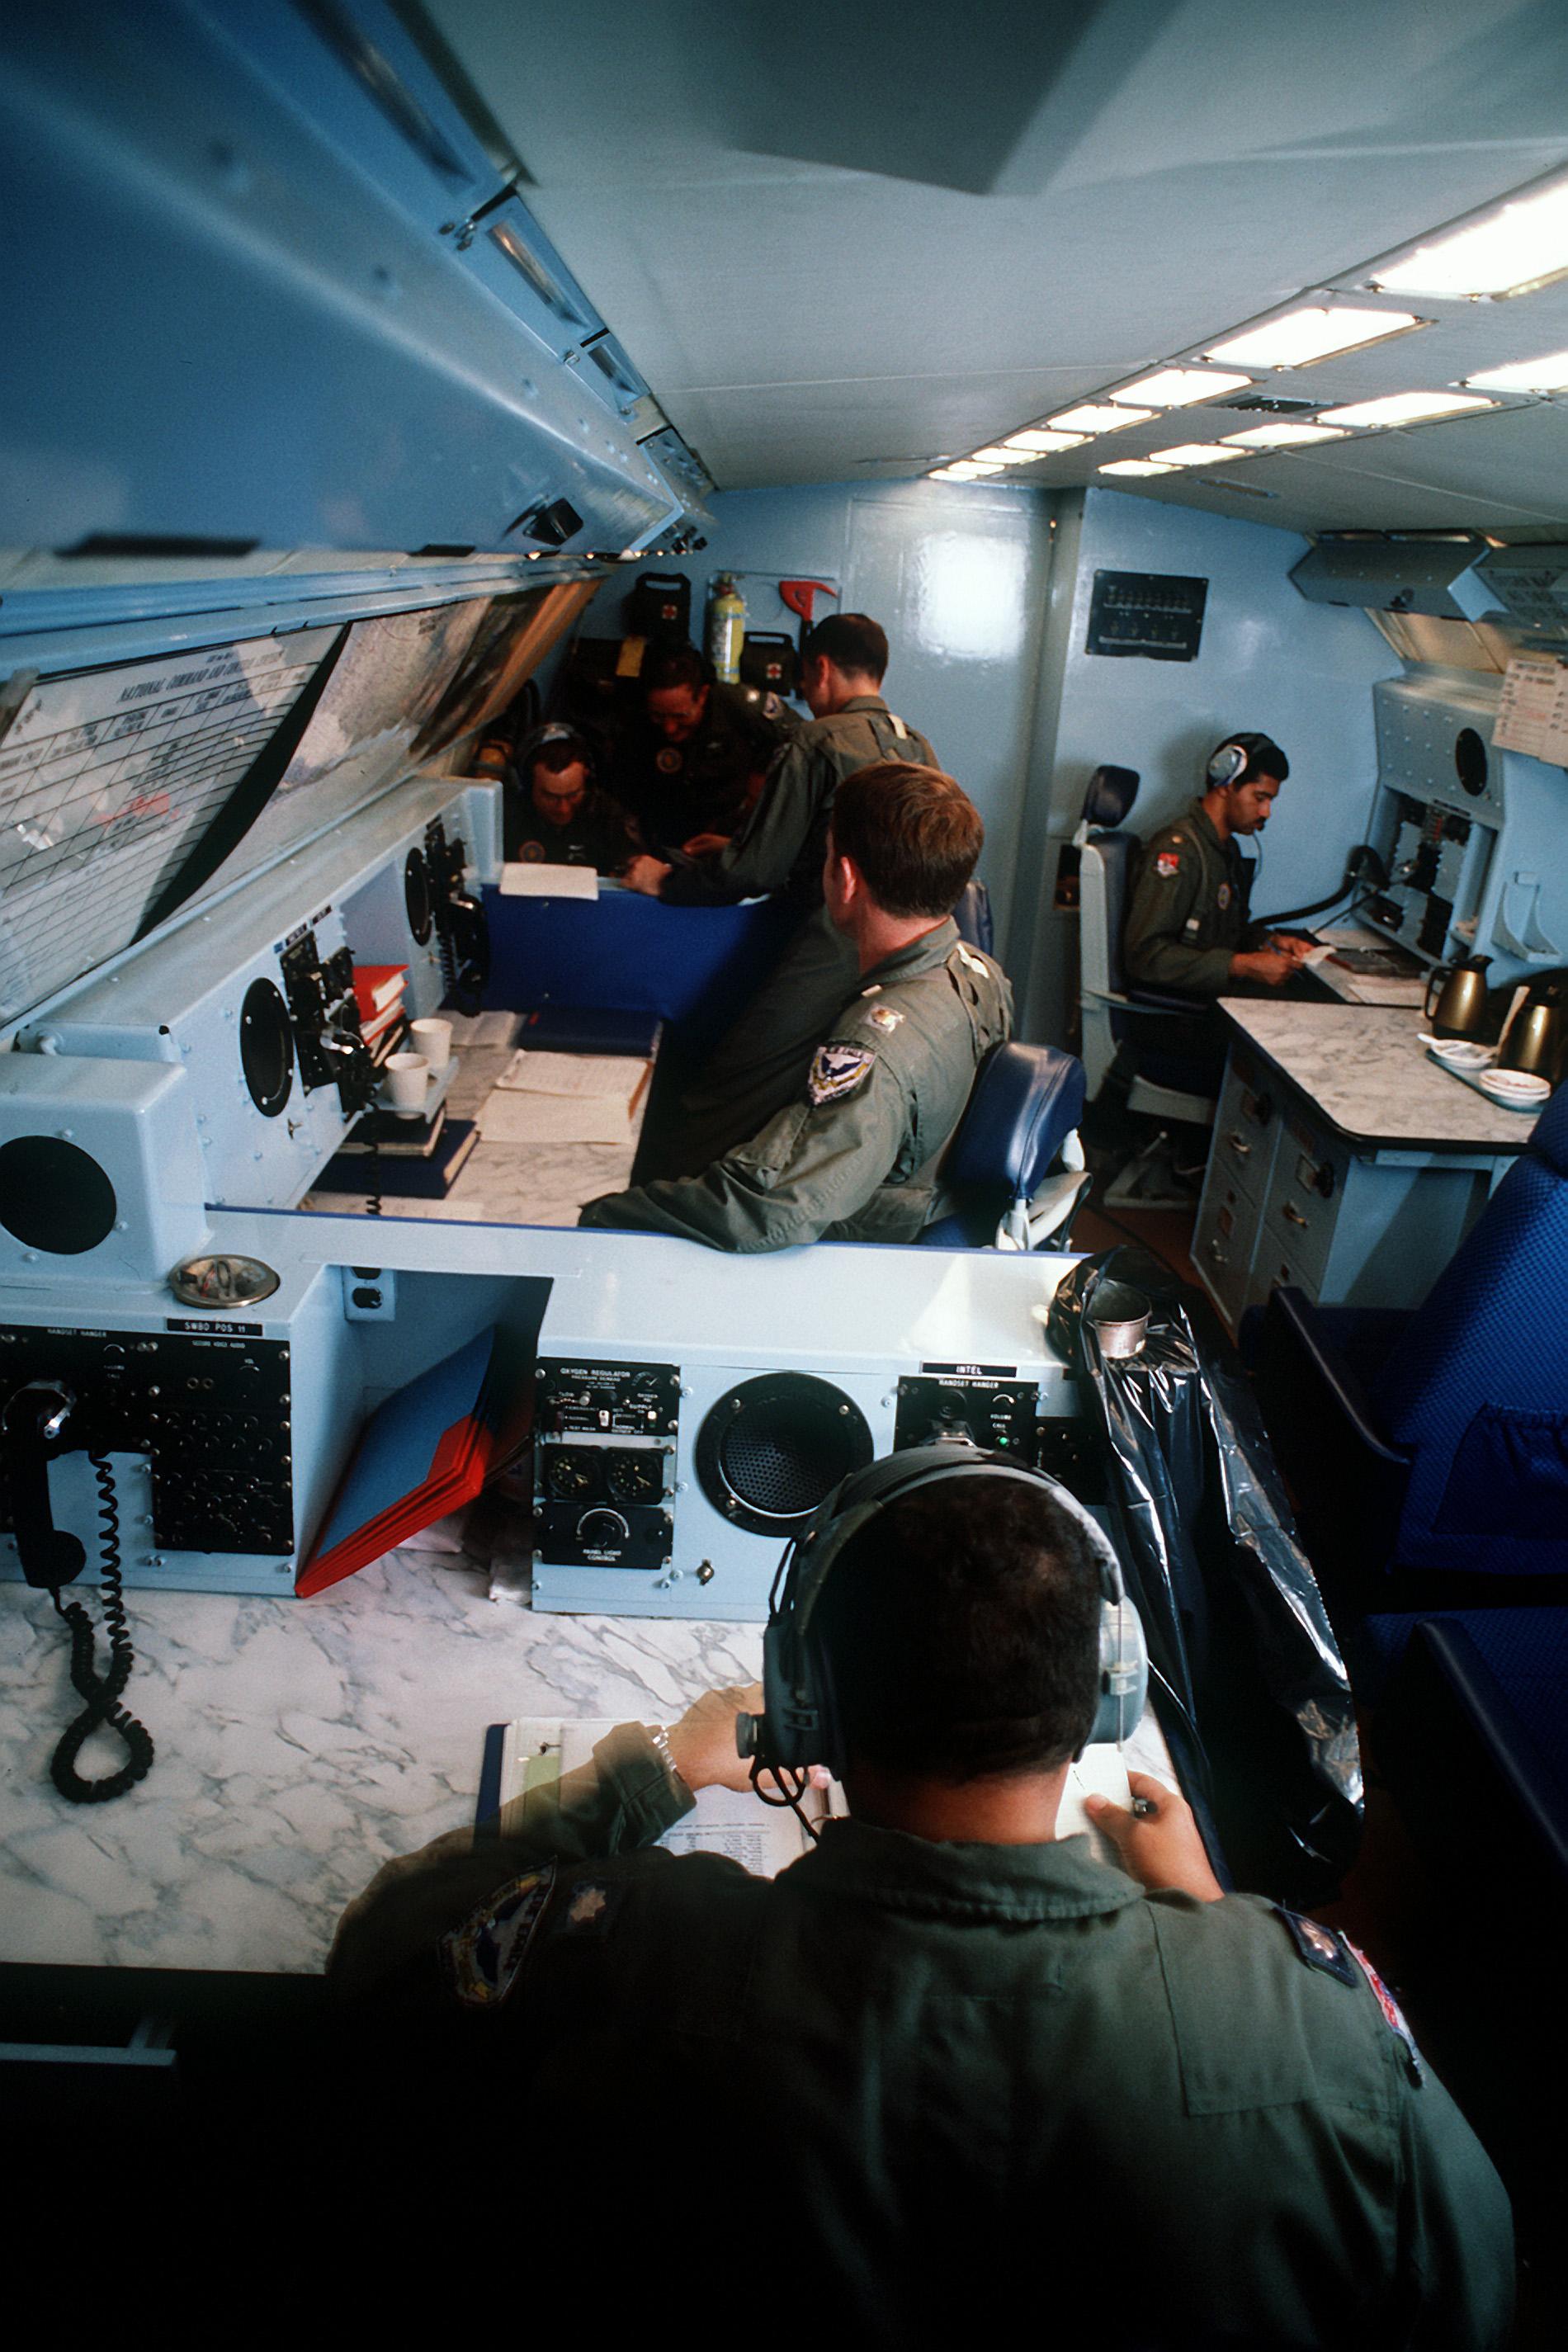 Ec-135 Looking Usaf Ec-135 Air Crew.jpg